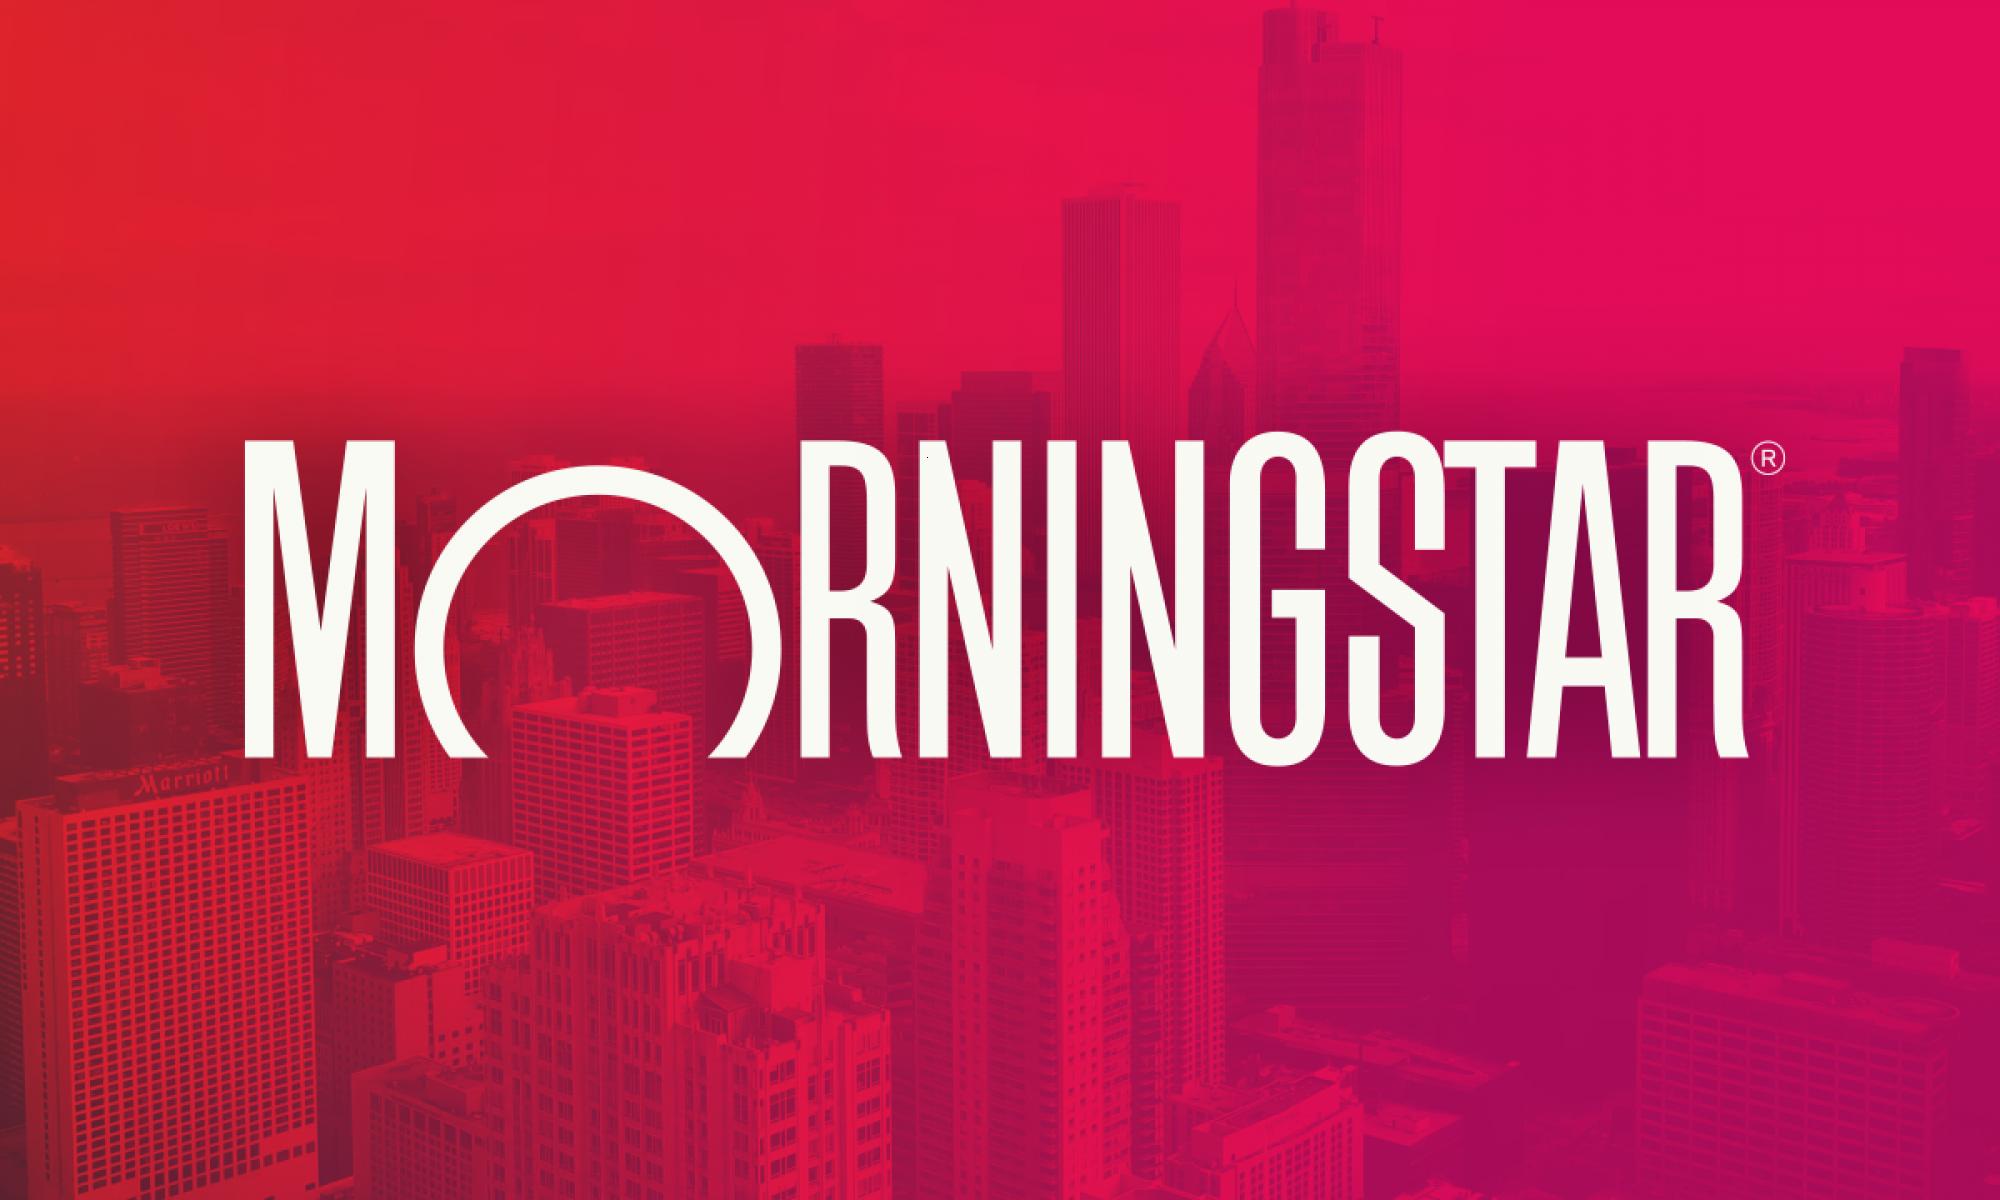 Morningstar Development Program